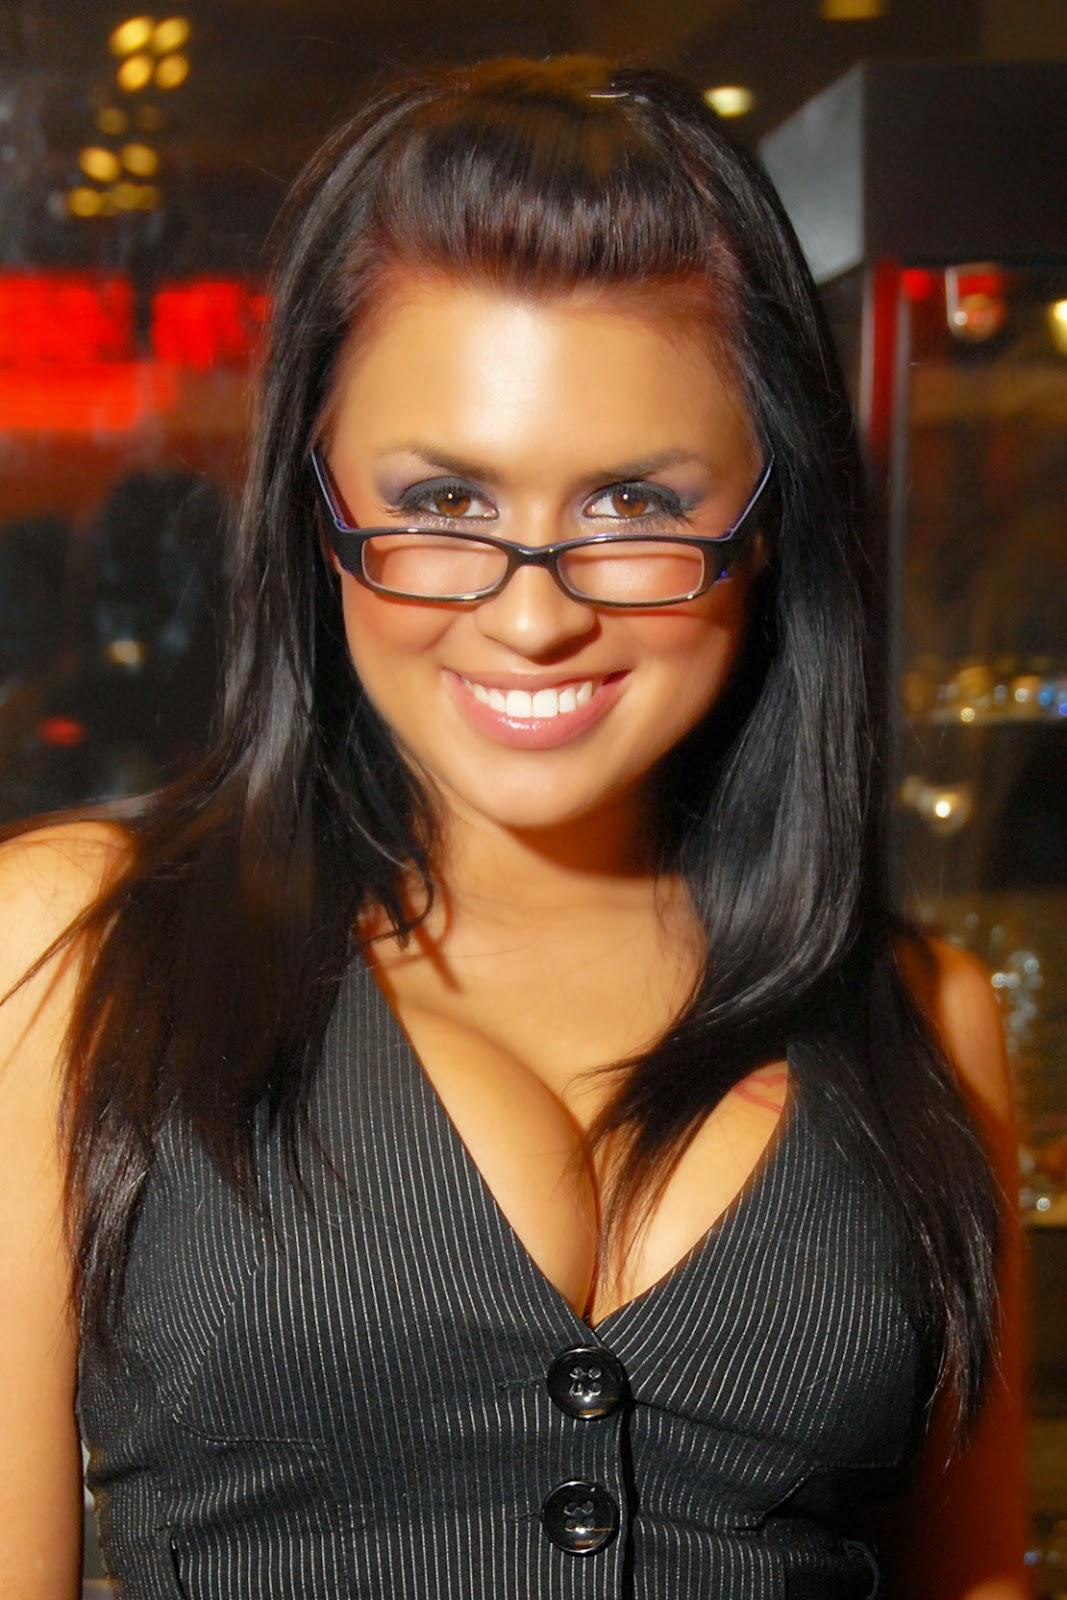 Actriz Porno Mas Buscada En Internet sabias que:: la actriz porno mas buscada y vista.